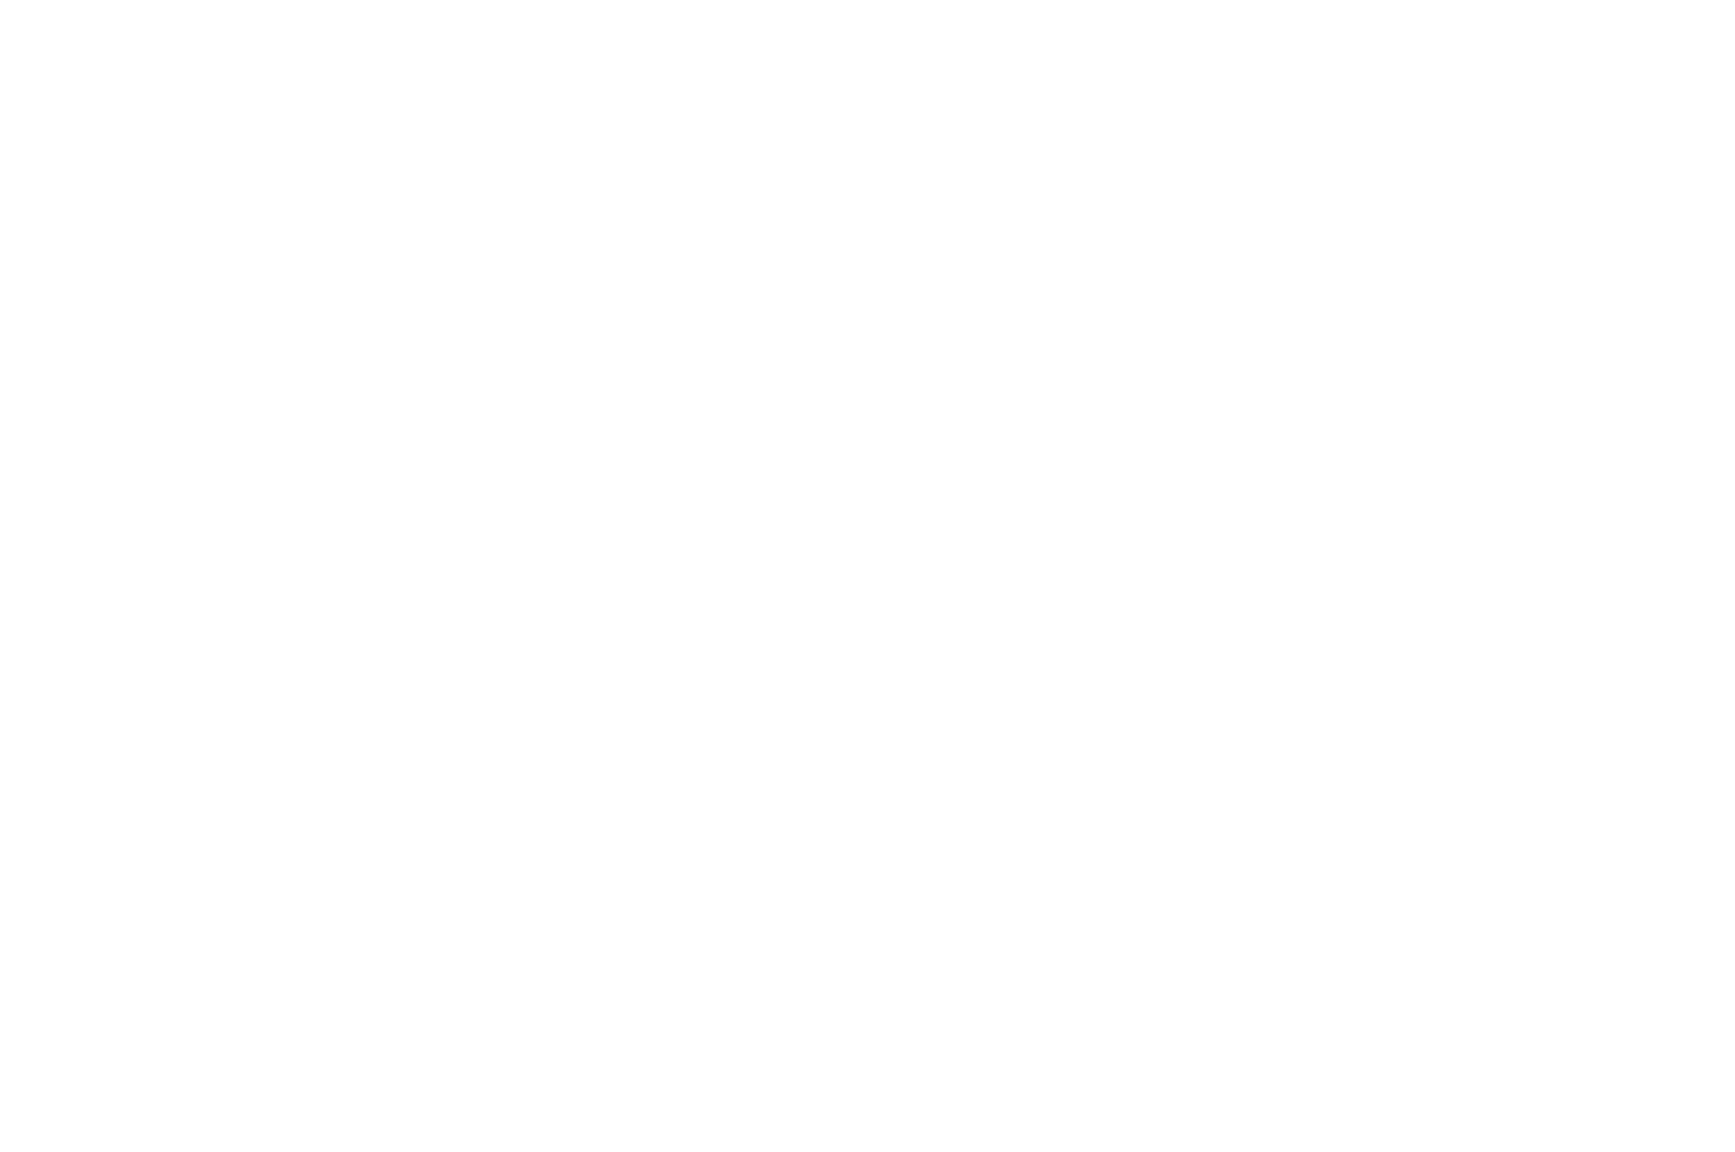 WINNER - Best Global Shorts - 2021